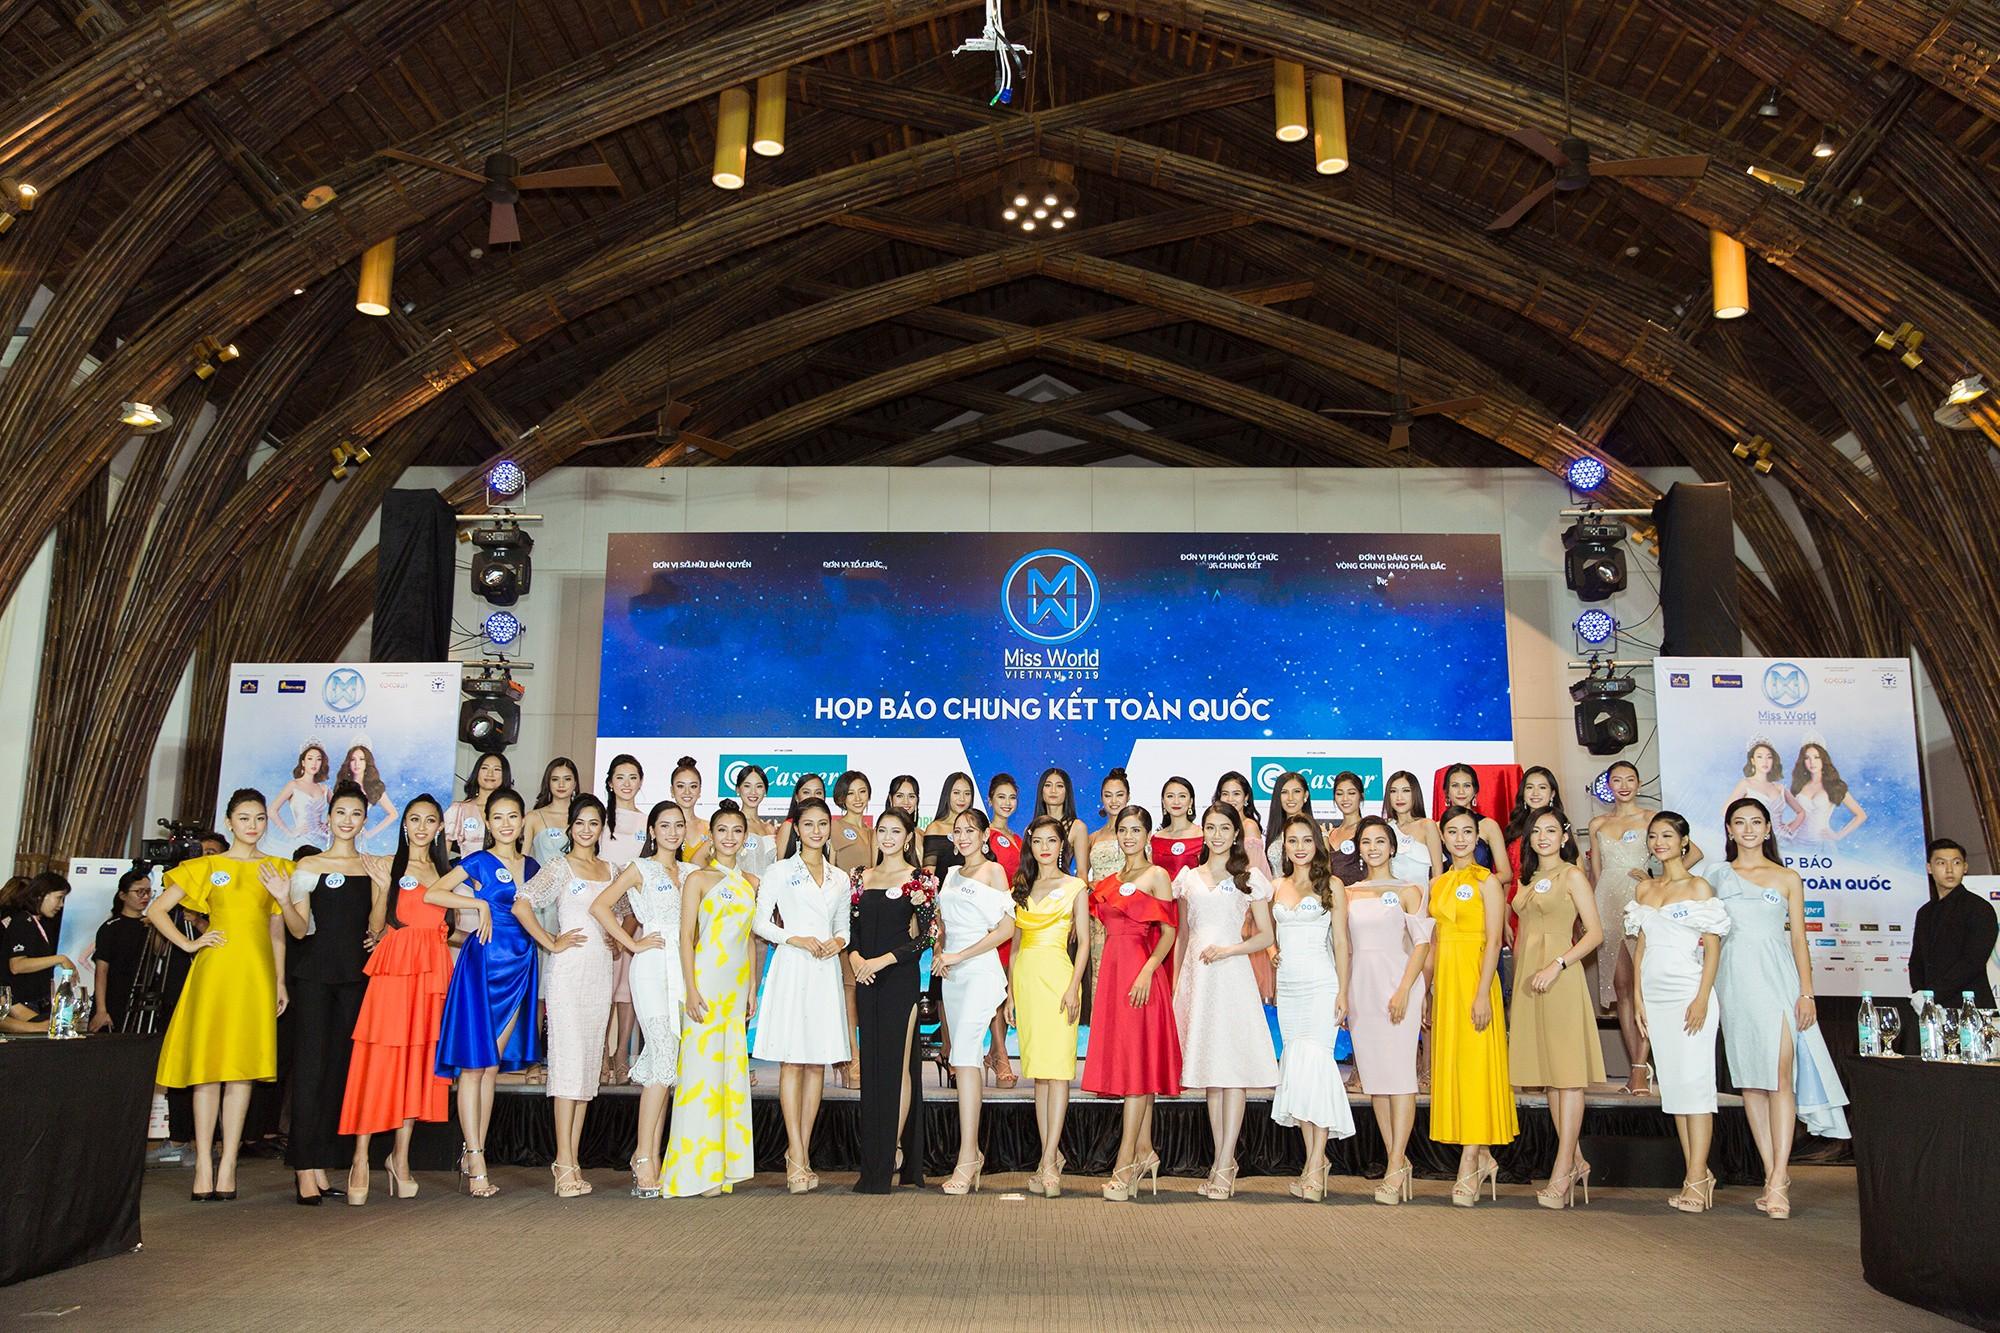 Họp báo chung kết Miss World Việt Nam 2019: Mỹ Linh - Tiểu Vy rạng rỡ đọ sắc, công bố cận cảnh vương miện 3 tỷ đồng - Ảnh 9.